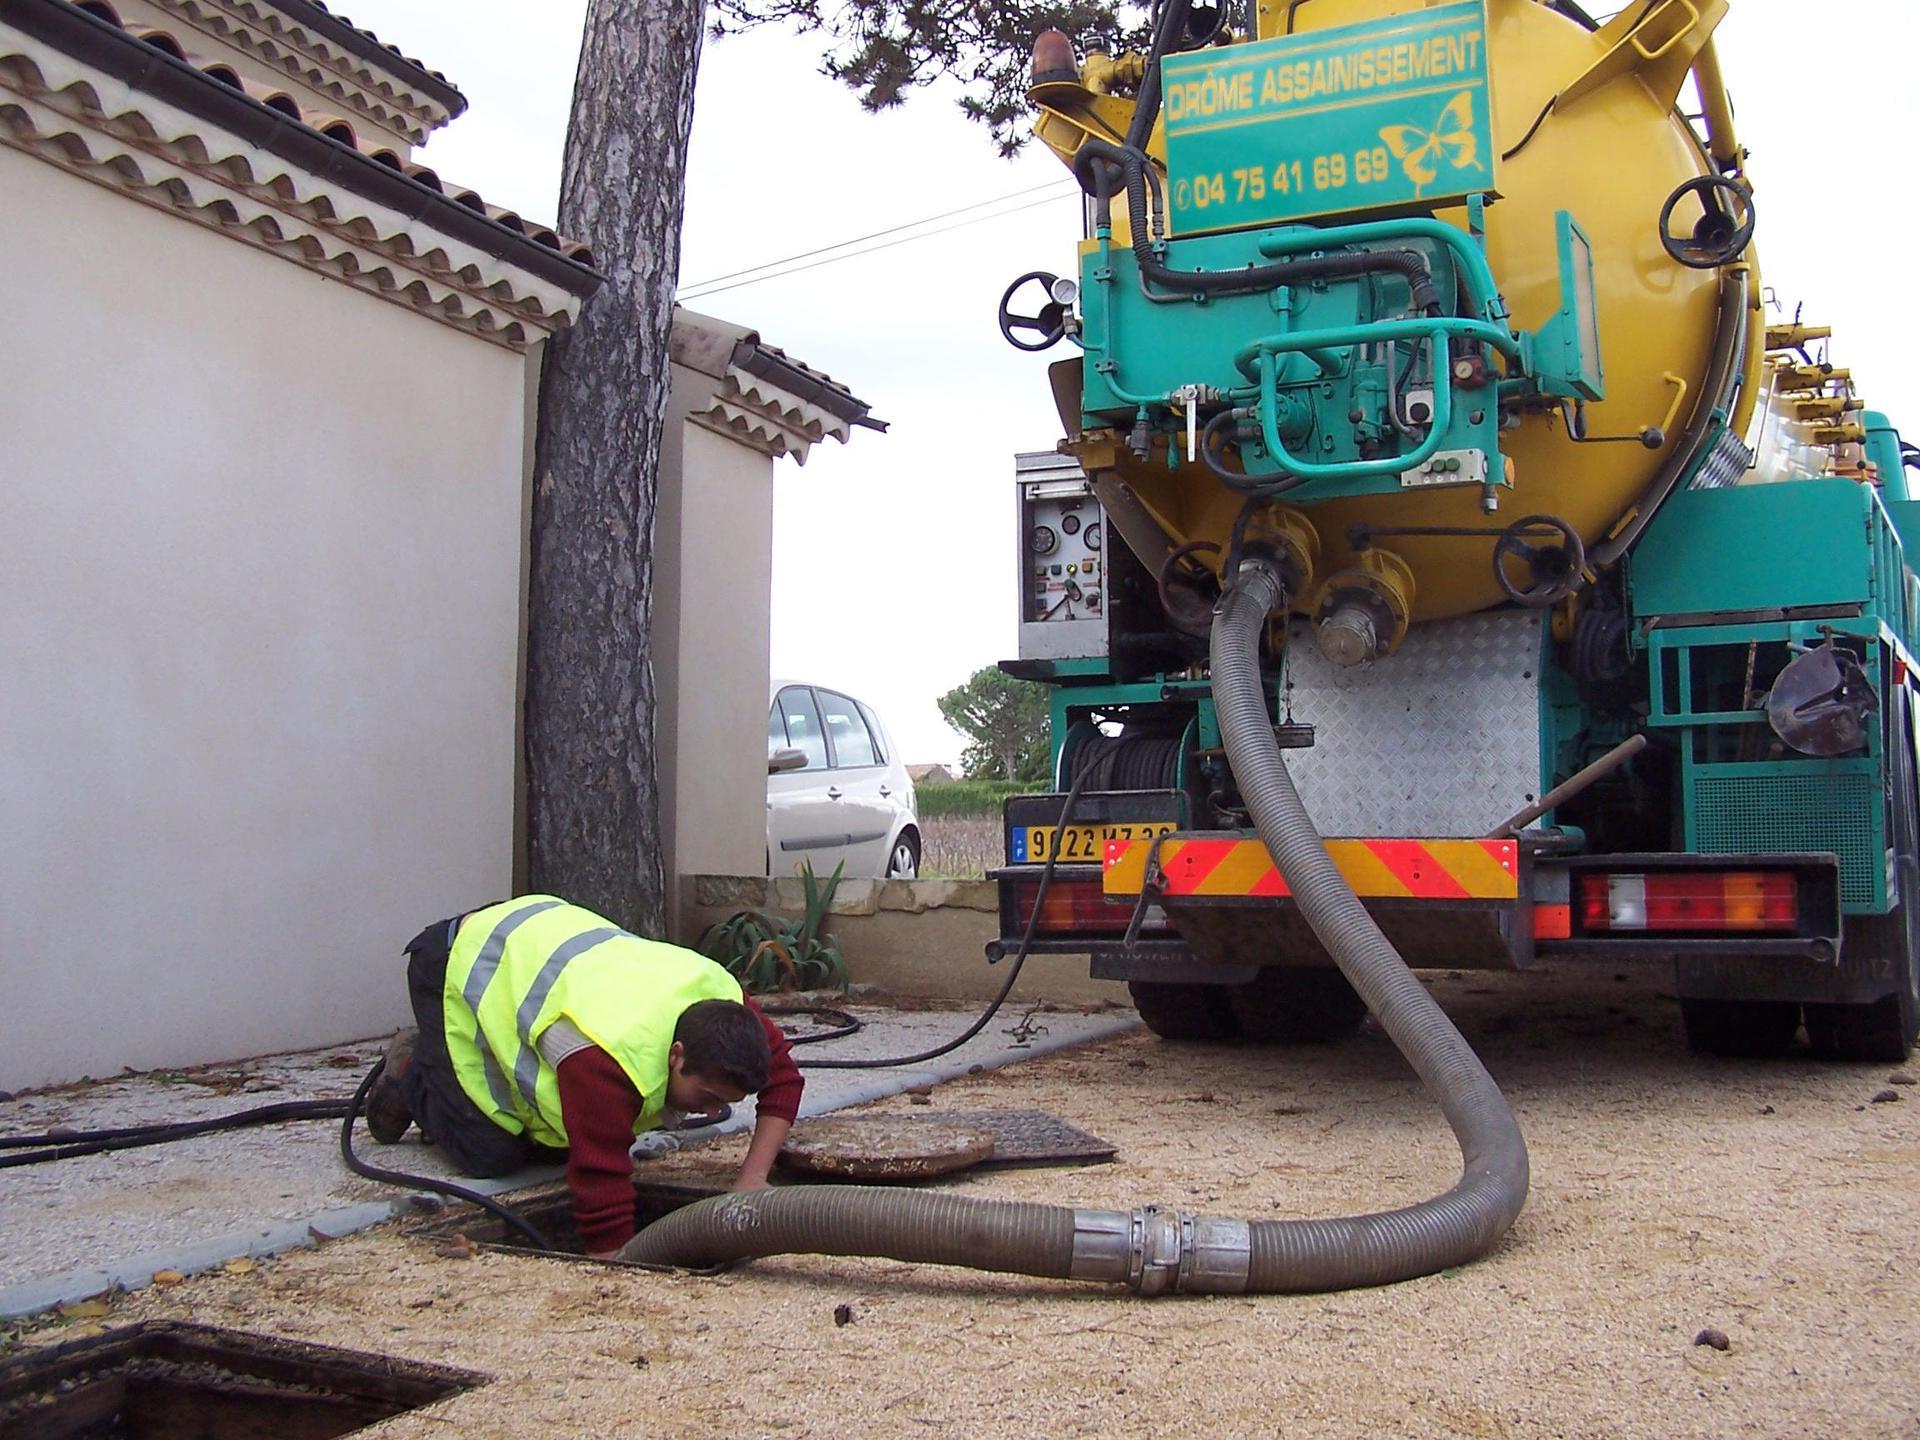 Drôme Assainissement SARL entreprise de travaux publics